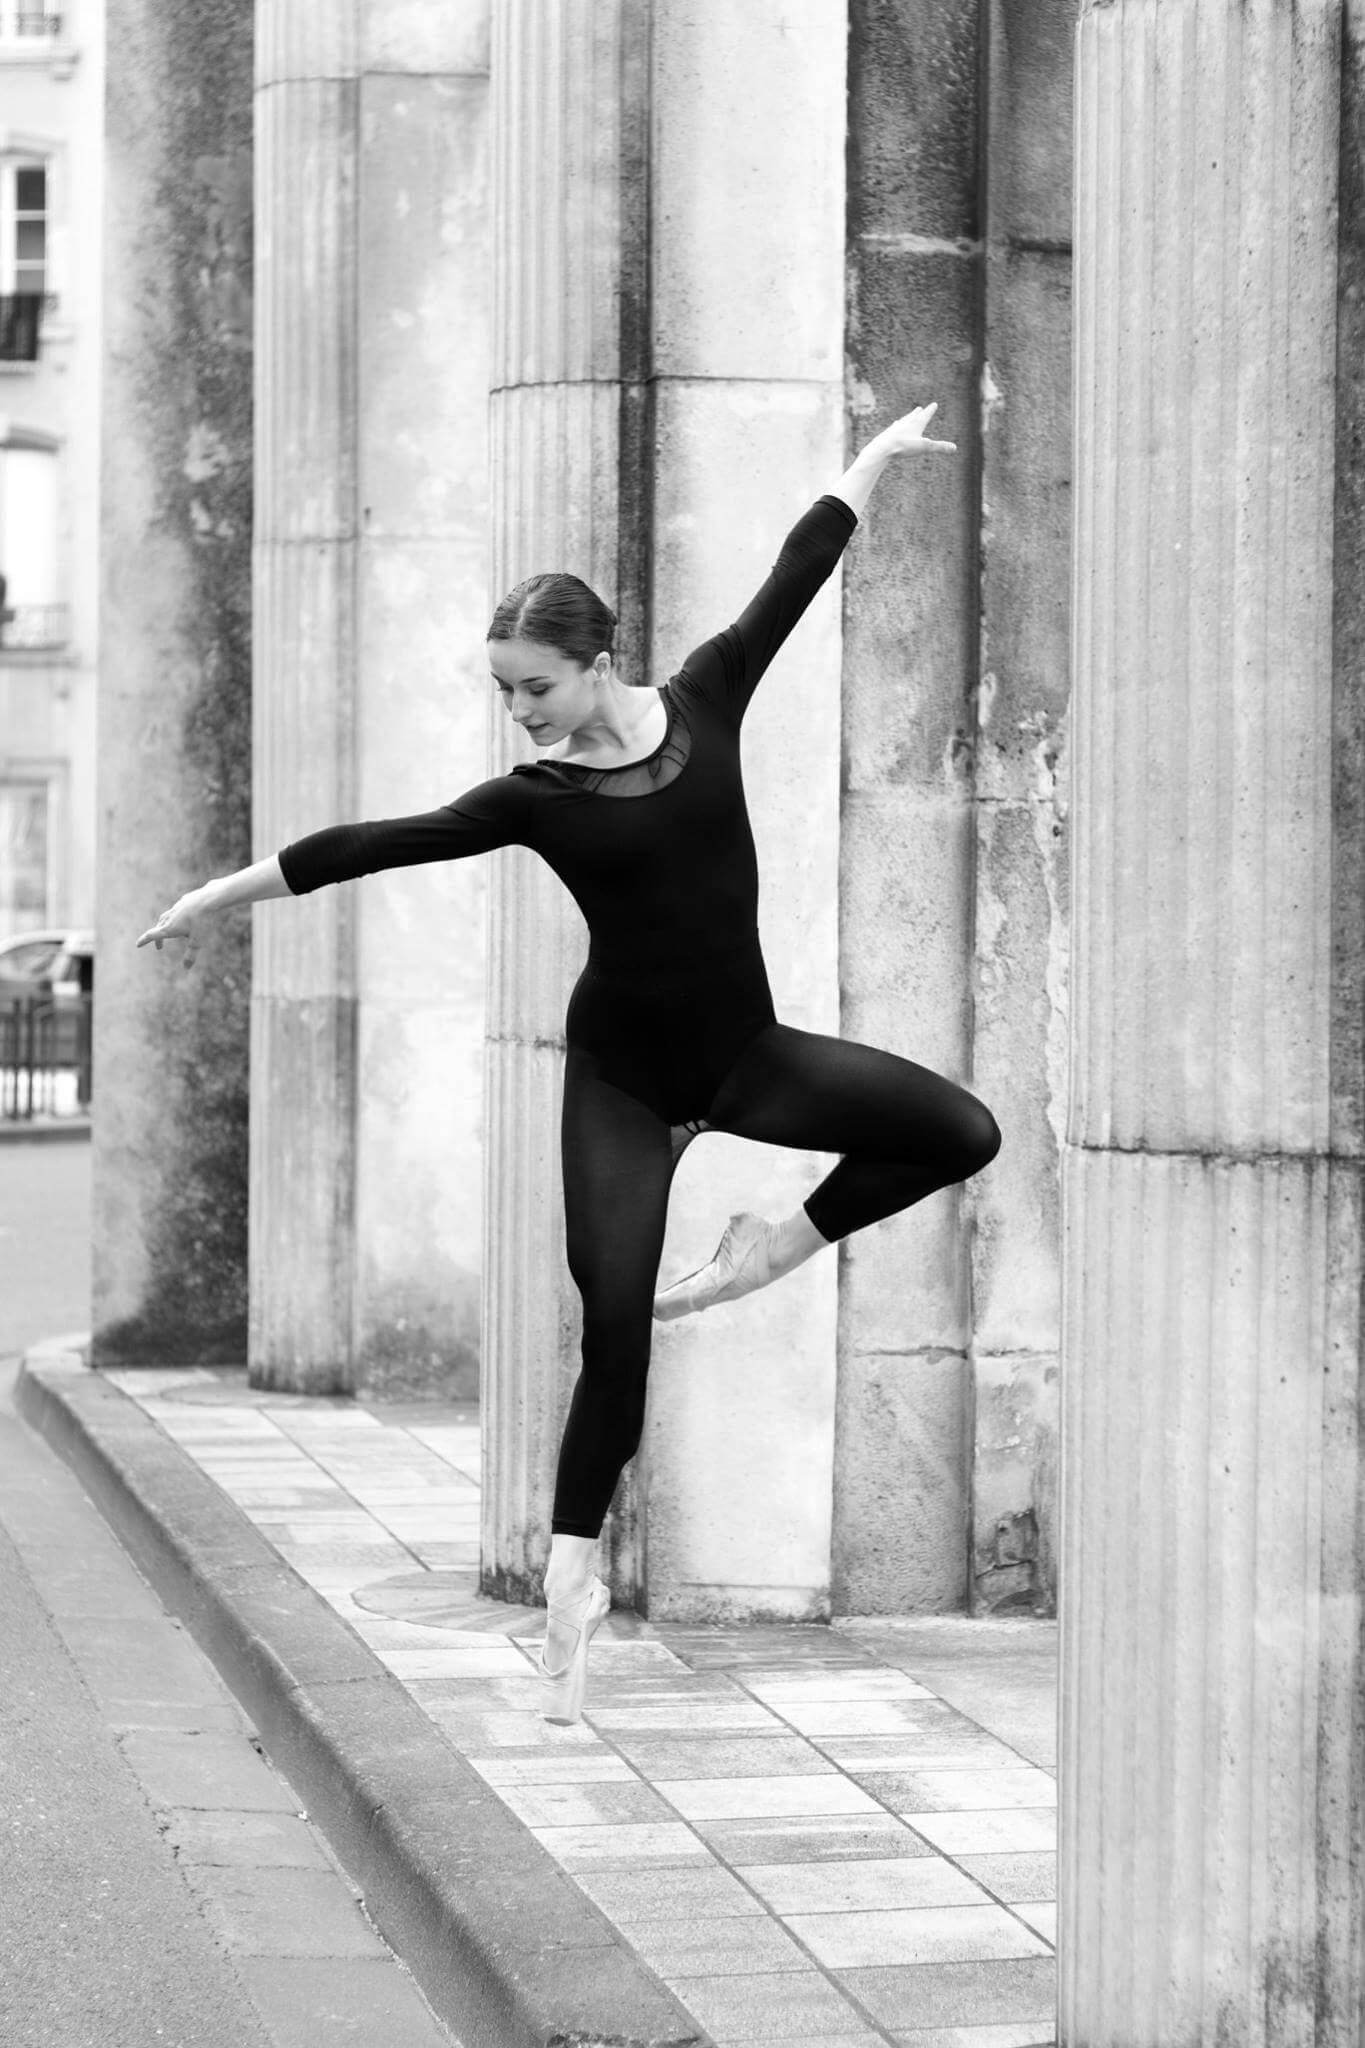 Saut danseuse classique en pointes noir et blanc